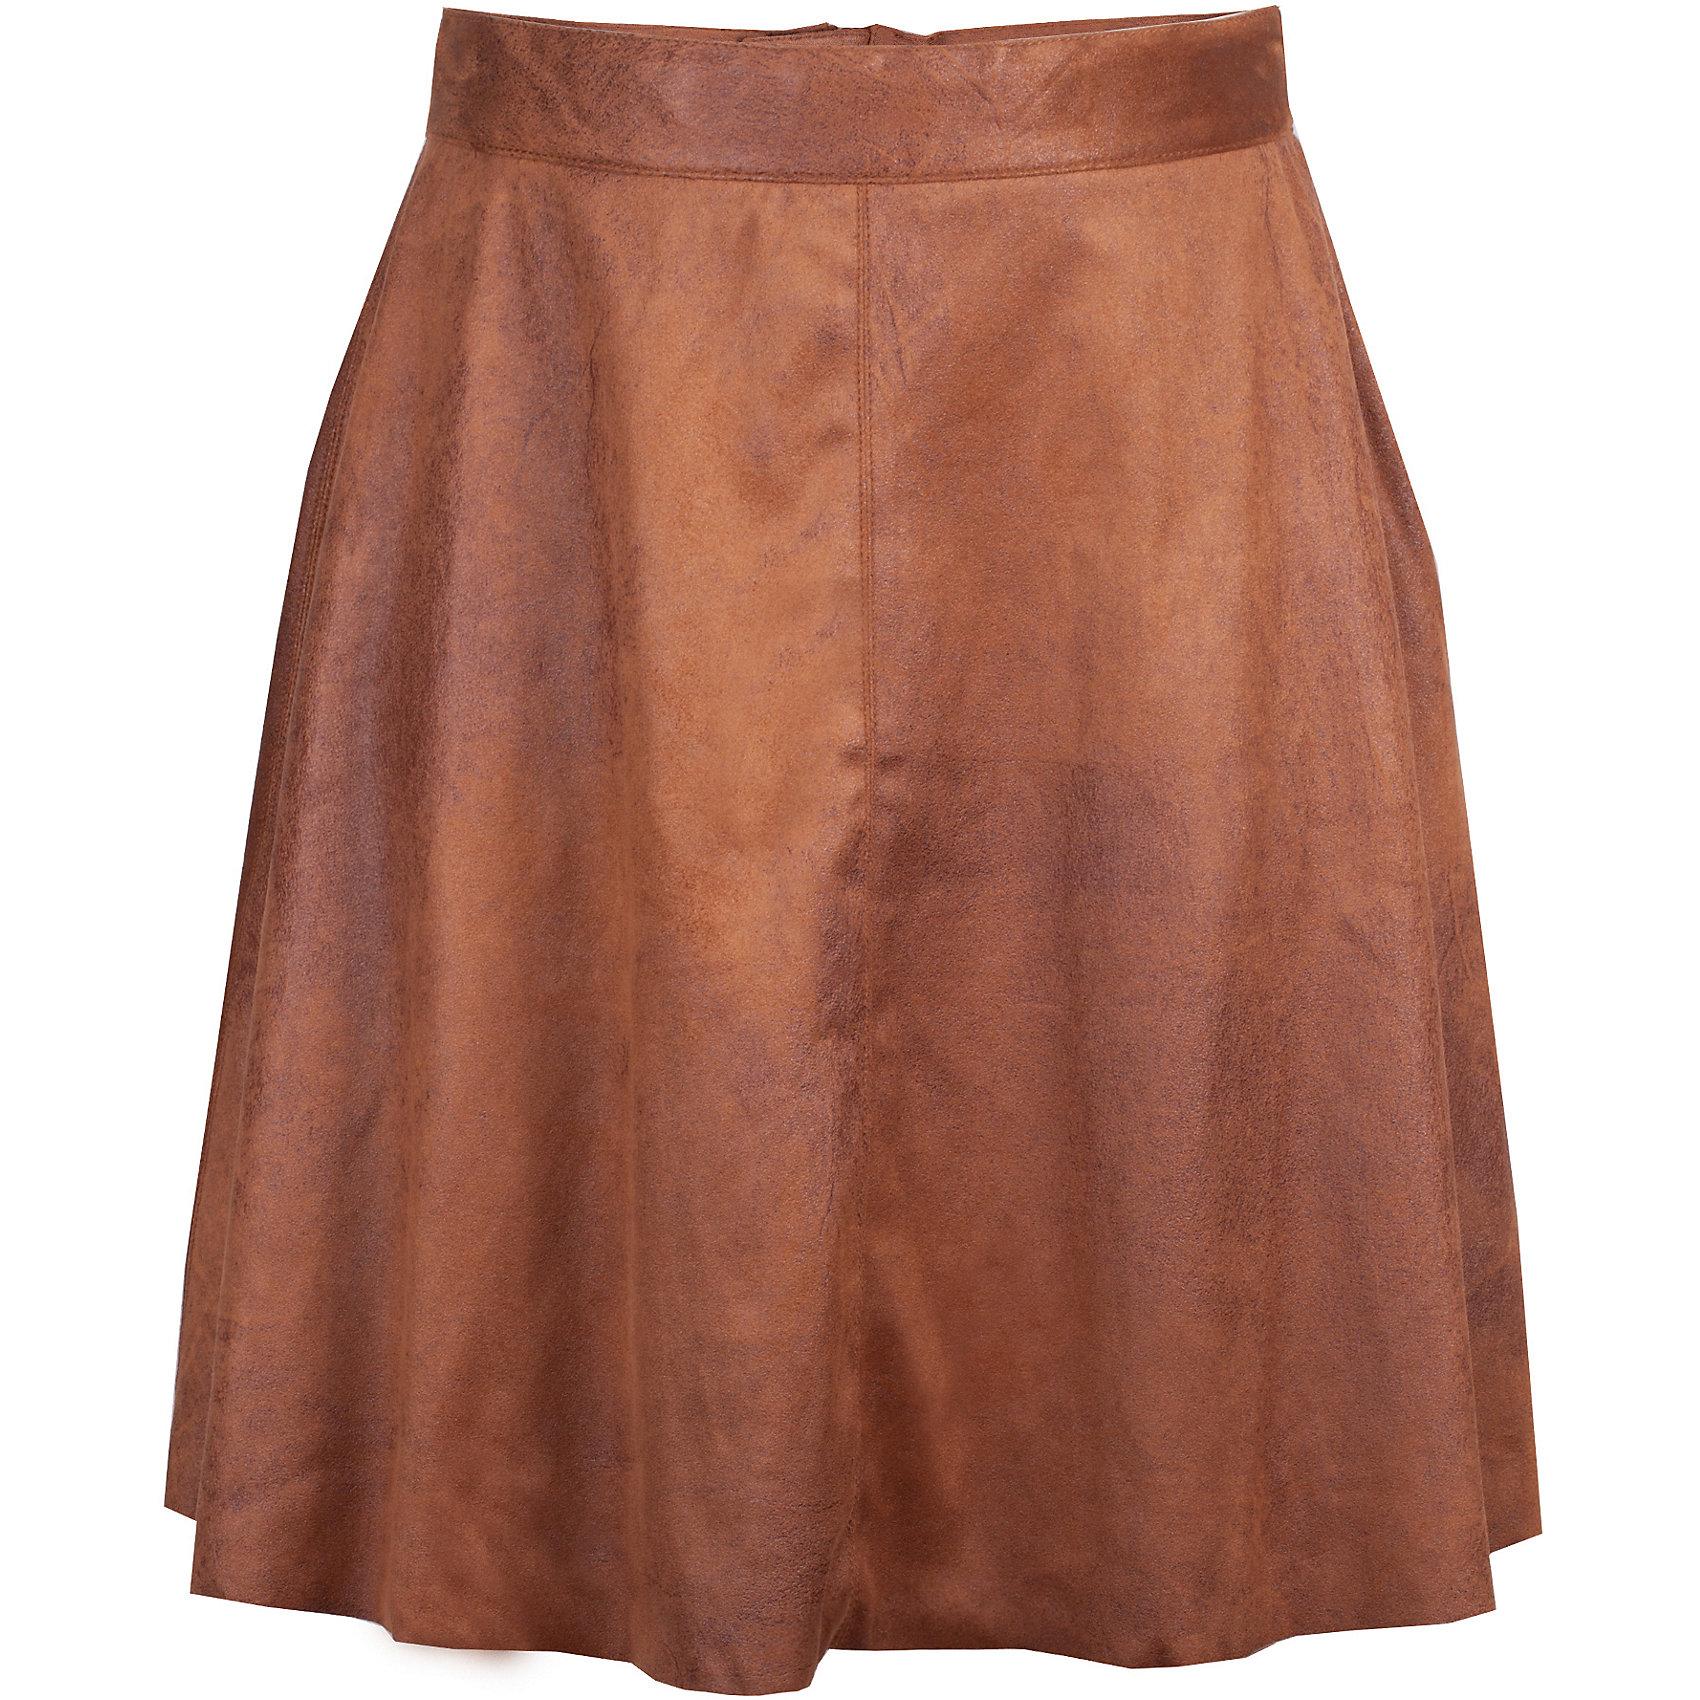 Юбка Gulliver для девочкиЮбки<br>Юбка Gulliver для девочки<br>Облегающие трикотажные брюки для девочки - изделие из разряда must have! Их секрет - в многофункциональности и удобстве. Они могут выглядеть как плотные колготки, красиво дополняя платье или свитшот; они могут быть леггинсами, прекрасно завершая look со свитером или удлиненной футболкой; они могут смотреться строгими облегающими брюками с блузкой или рубашкой, подчеркивая хрупкость и грациозность своей обладательницы. Если вы хотите приобрести стильную, практичную, комфортную вещь, которая не будет пылиться в шкафу, а станет базовой моделью в формировании повседневного образа, вам стоит купить синие брюки для девочки от Gulliver. В них ей гарантирован комфорт, свобода движений и возможность быть самой собой.<br>Состав:<br>65% вискоза            30% нейлон         5% эластан<br><br>Ширина мм: 207<br>Глубина мм: 10<br>Высота мм: 189<br>Вес г: 183<br>Цвет: оранжевый<br>Возраст от месяцев: 156<br>Возраст до месяцев: 168<br>Пол: Женский<br>Возраст: Детский<br>Размер: 146,152,158,164<br>SKU: 7077181